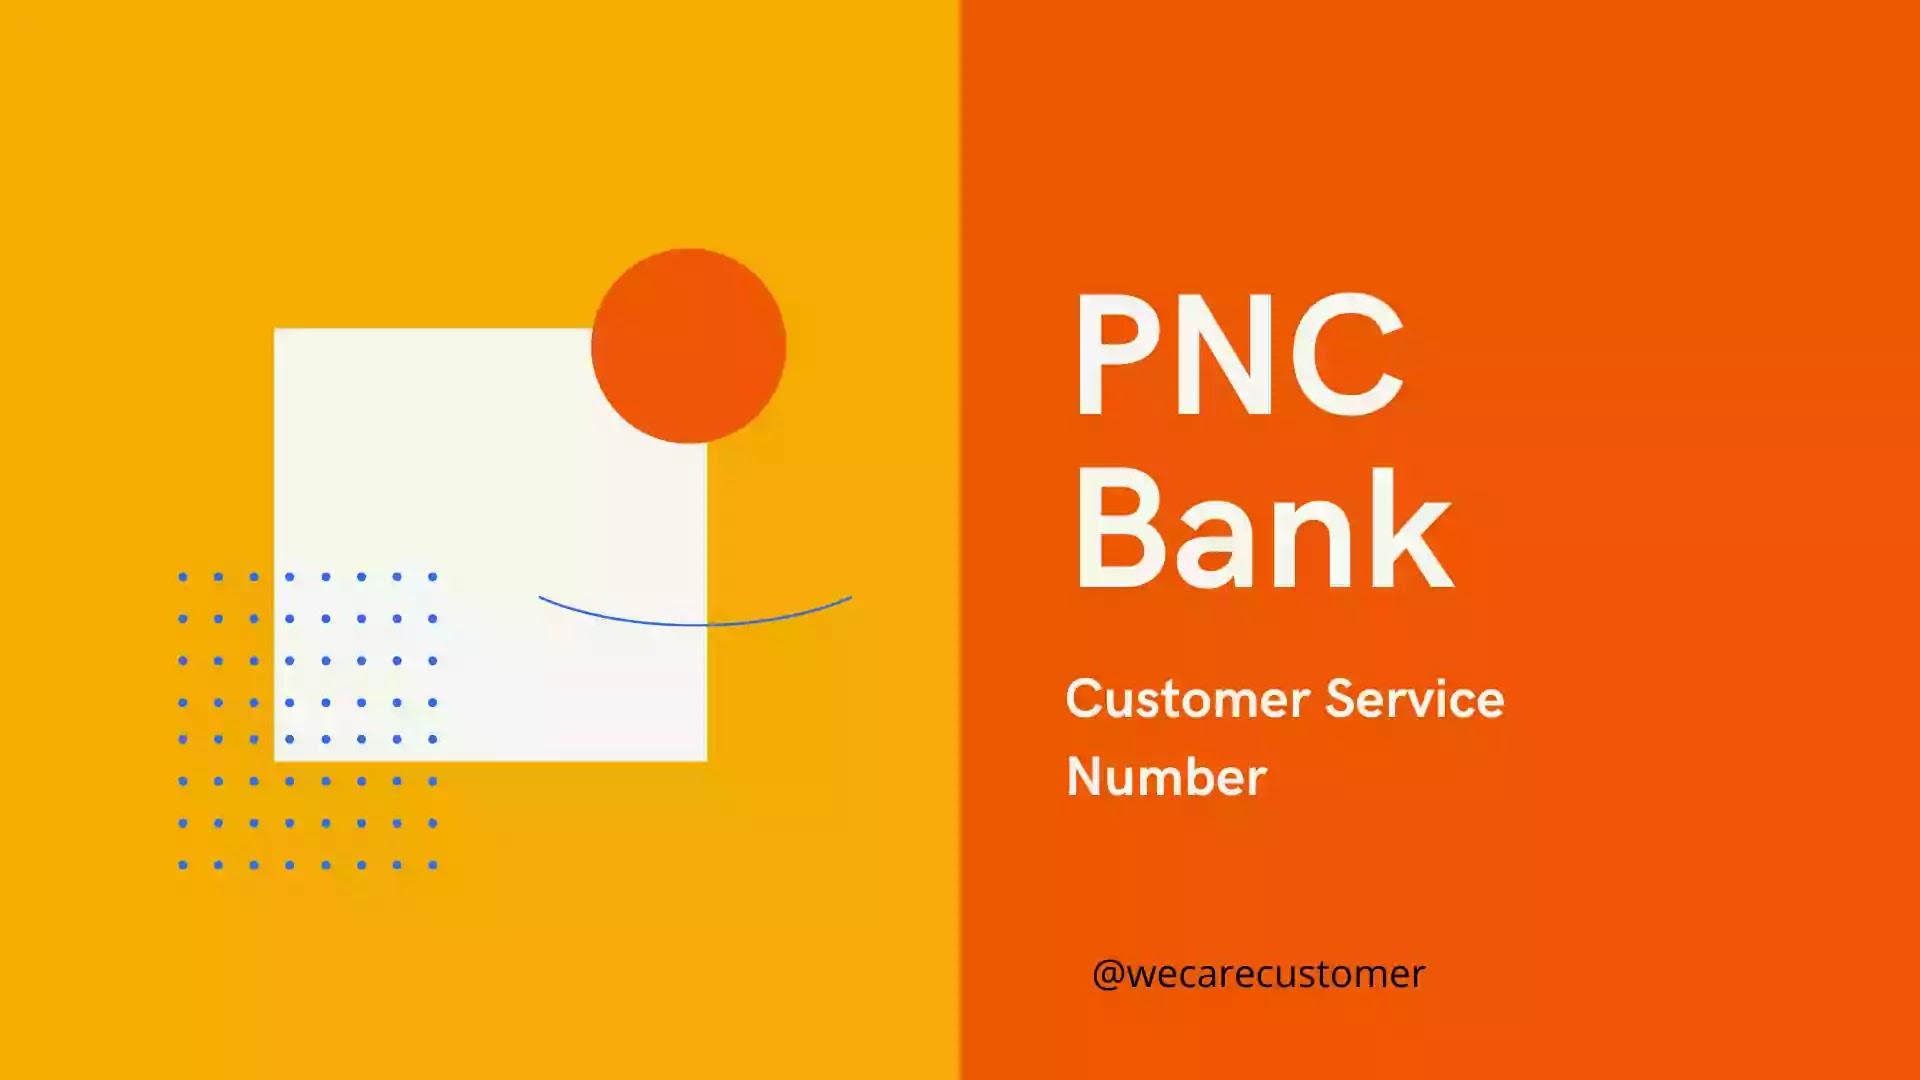 """<img src=""""https://www.wecarecustomer.com/blog/image/upload/pnc bank"""" alt="""" pnc bank customer service Phone Number"""">"""